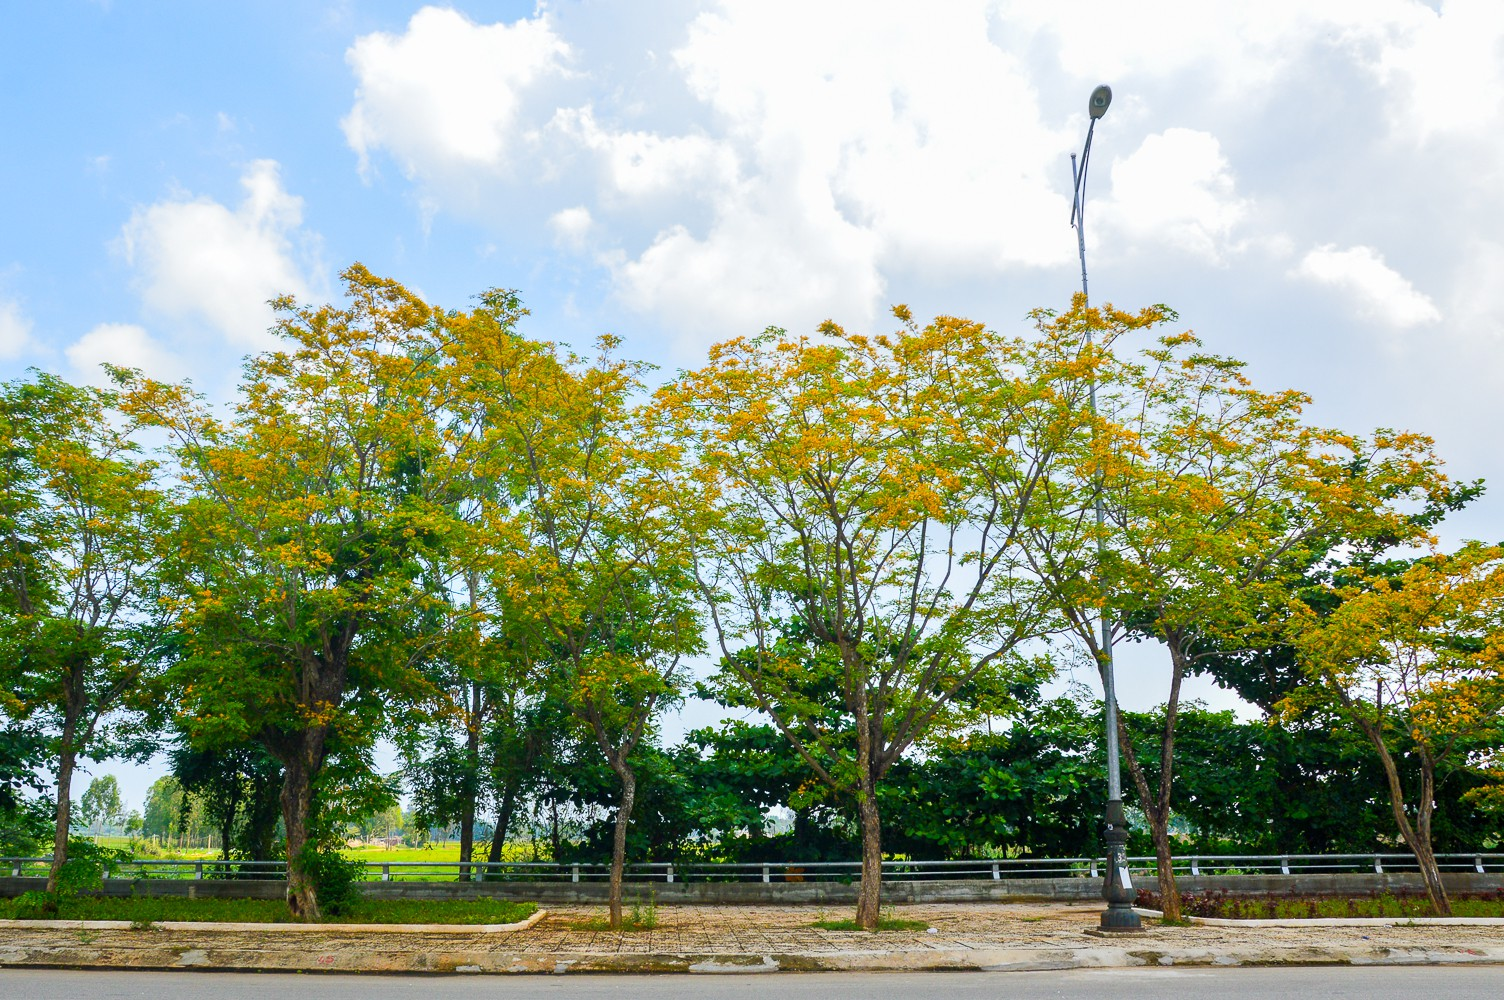 Mùa hoa sưa vàng trời Quảng Nam khiến bao người thổn thức - Ảnh 11.